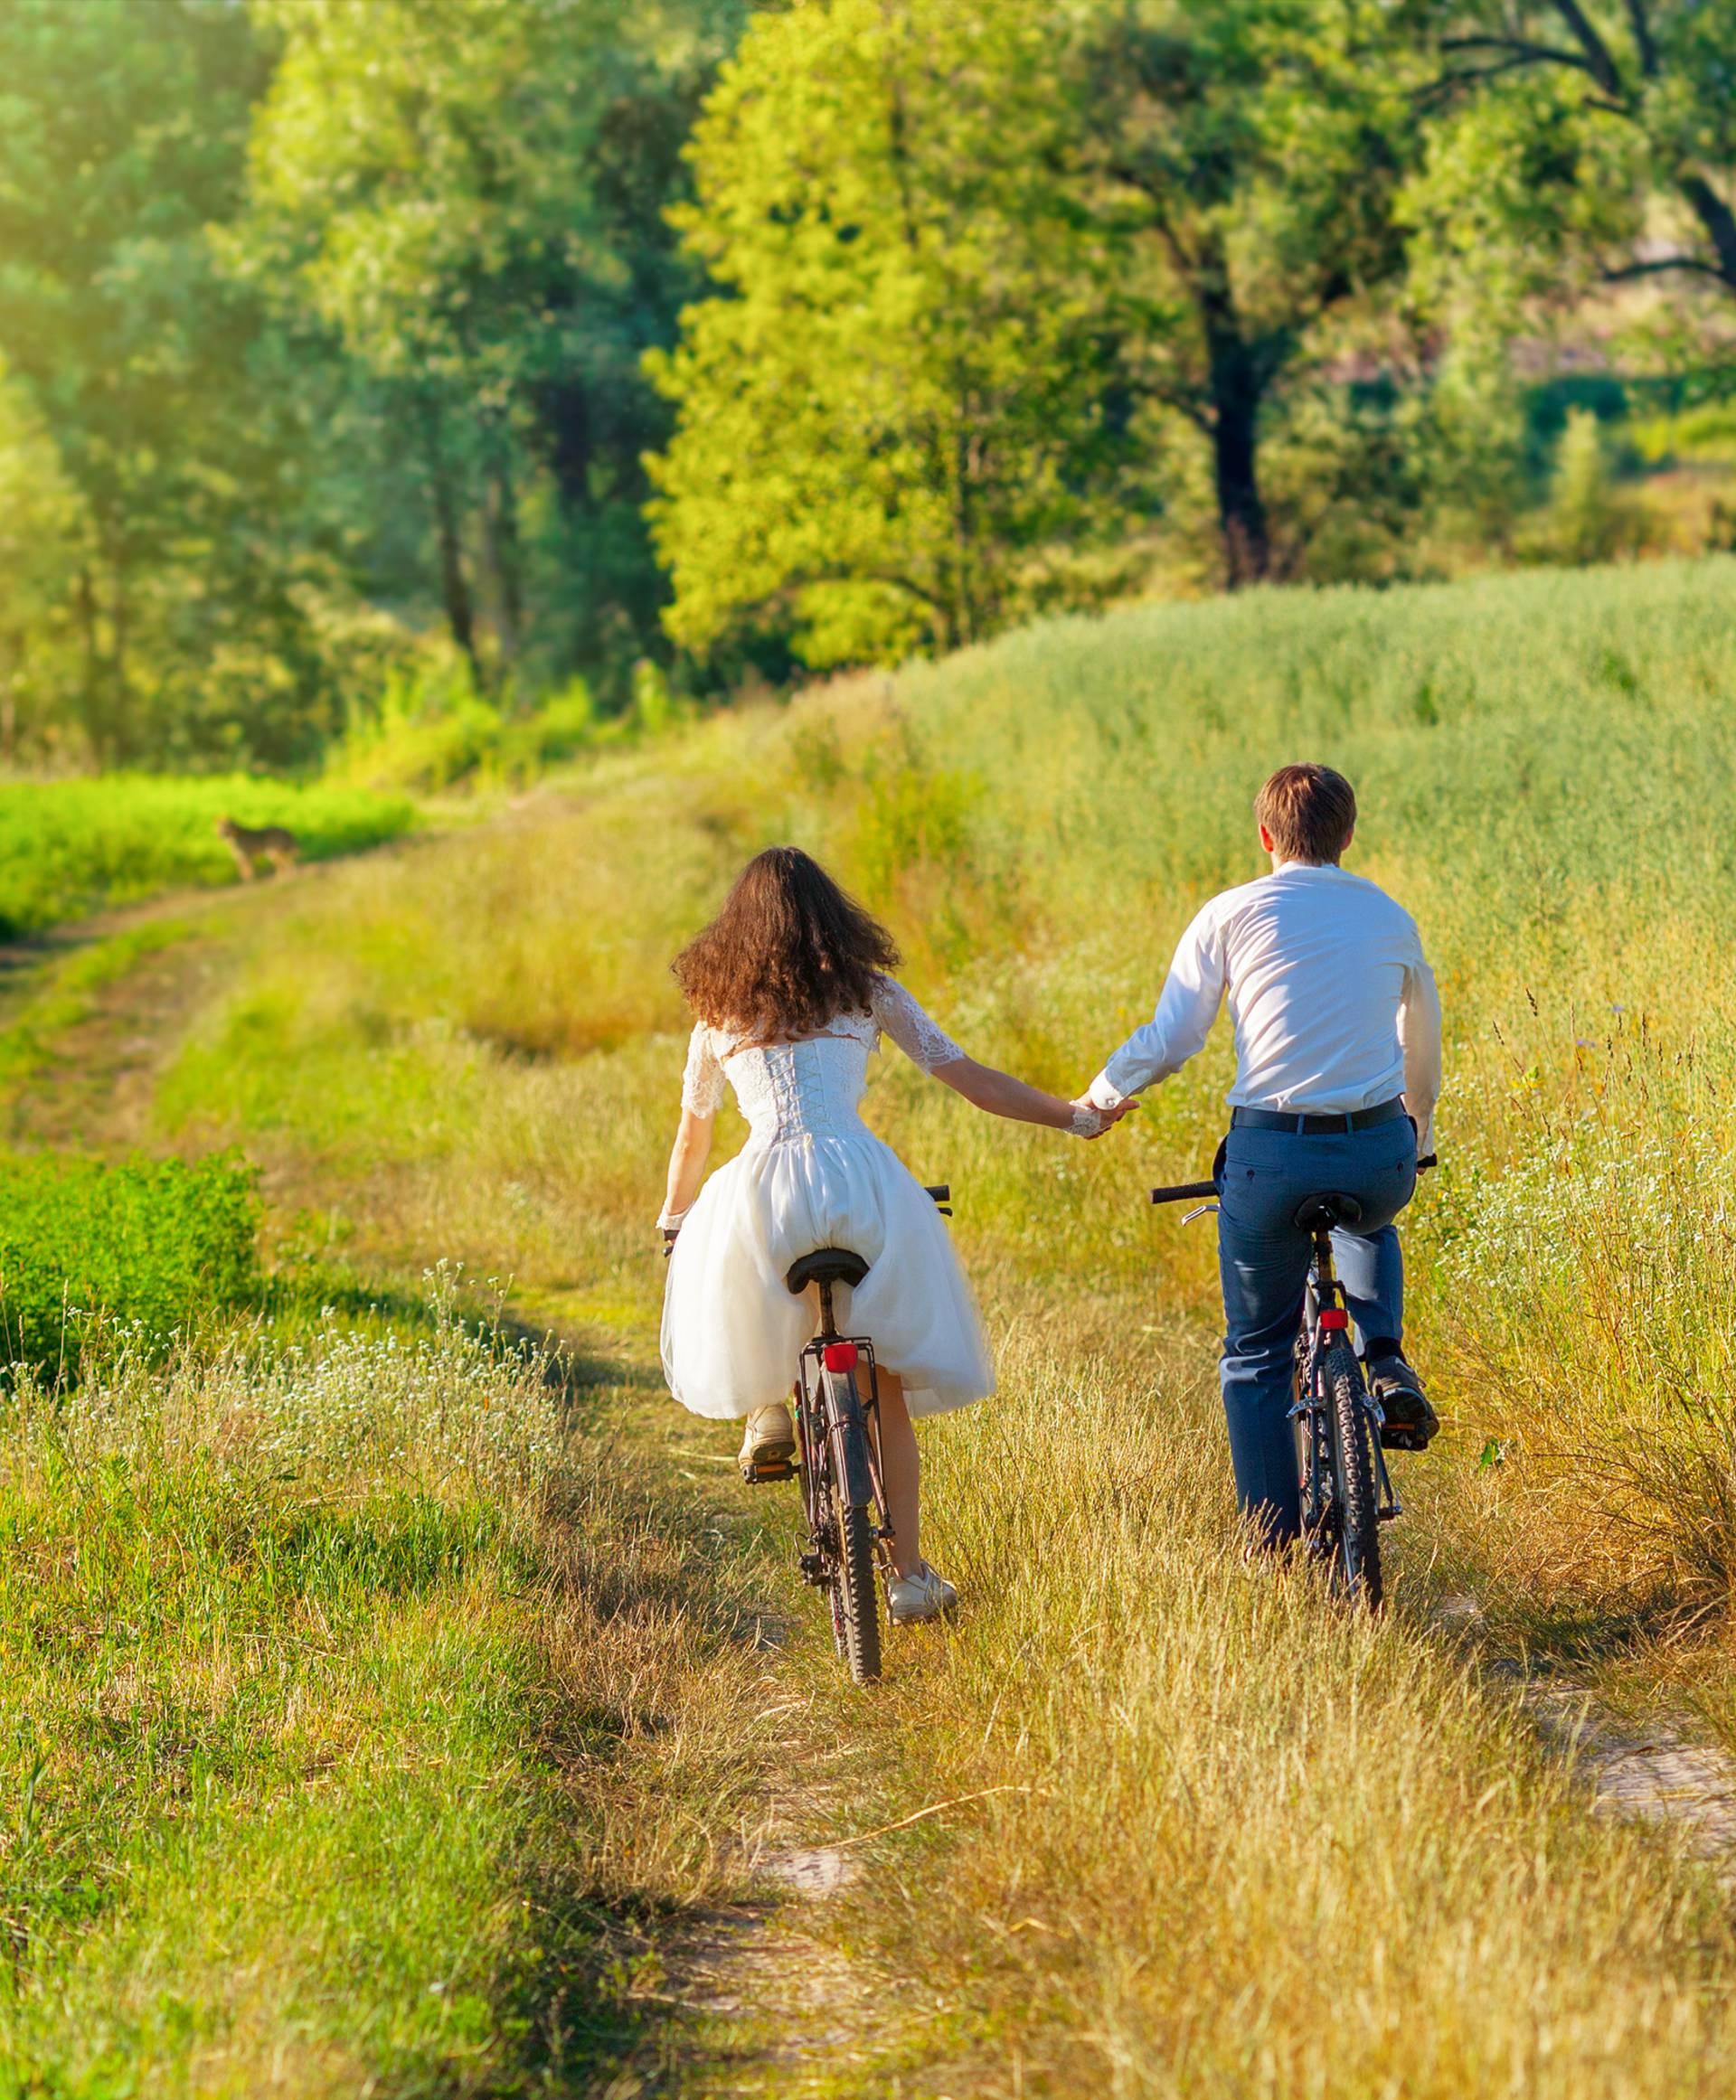 13 razloga zbog kojih današnji mladi ne žure uskočiti u brak